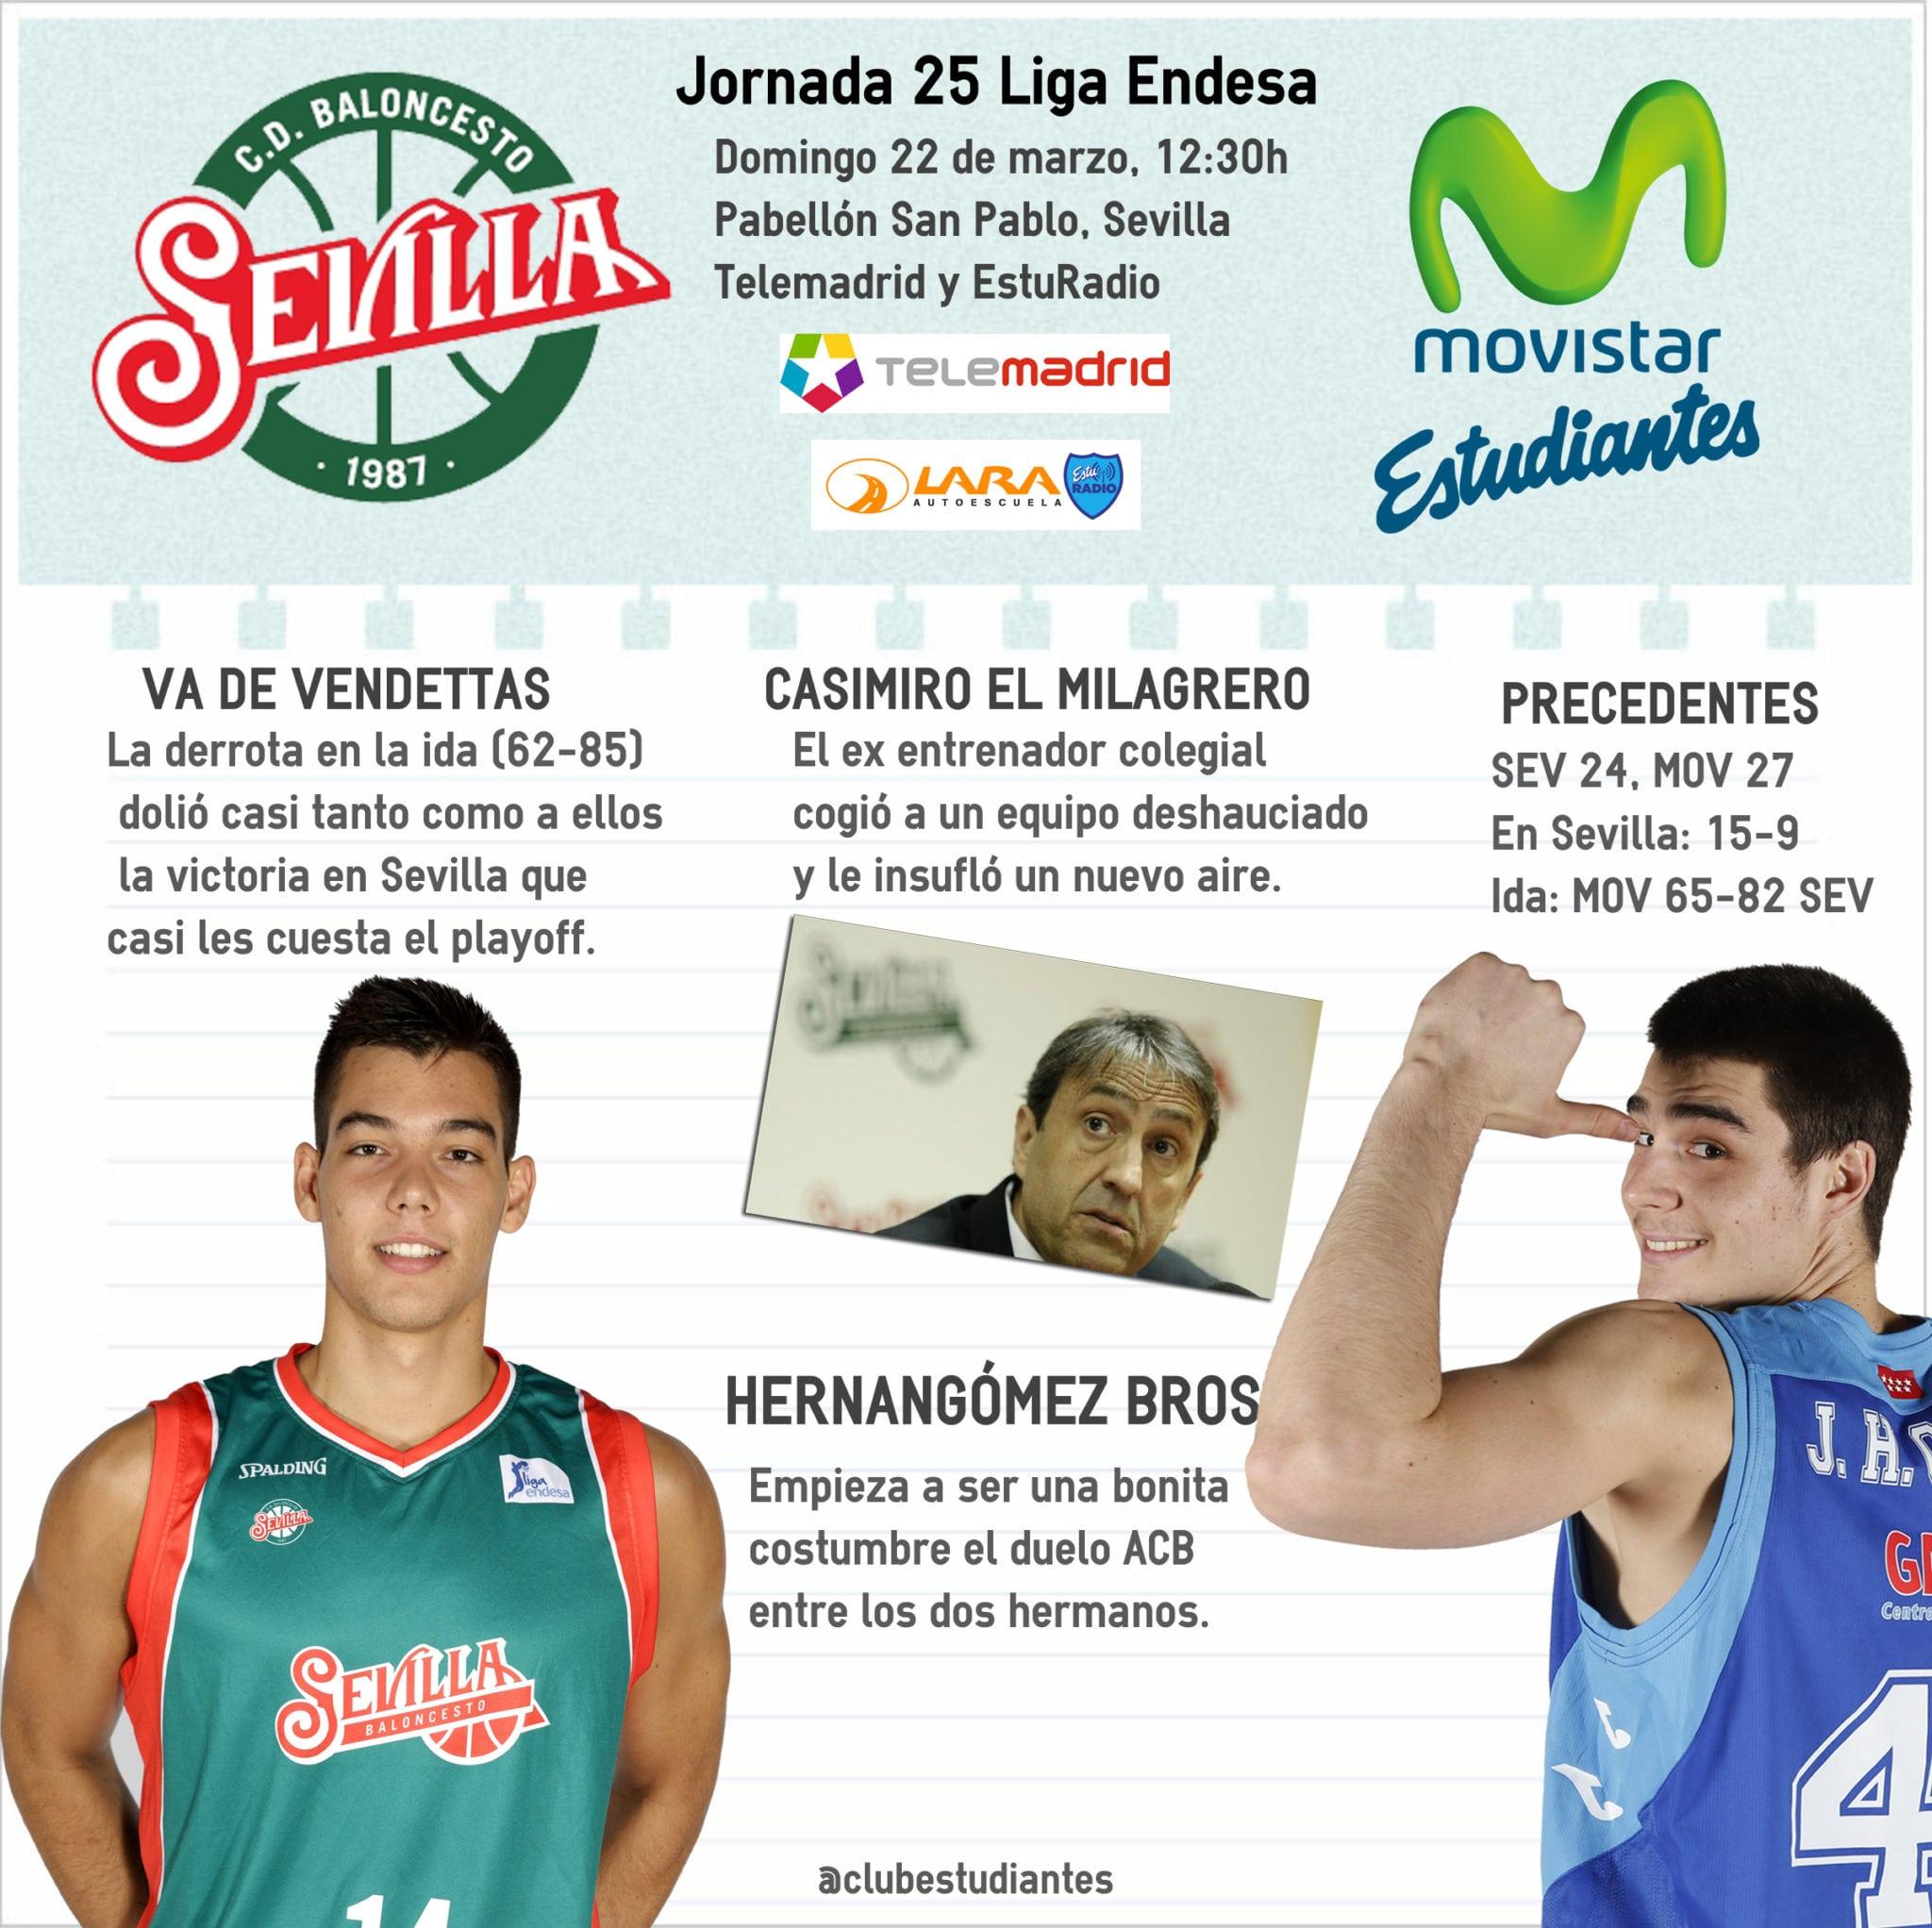 Baloncesto Sevilla- Movistar Estudiantes, domingo 12:30h en Telemadrid y EstuRadio: a poner tierra de por medio